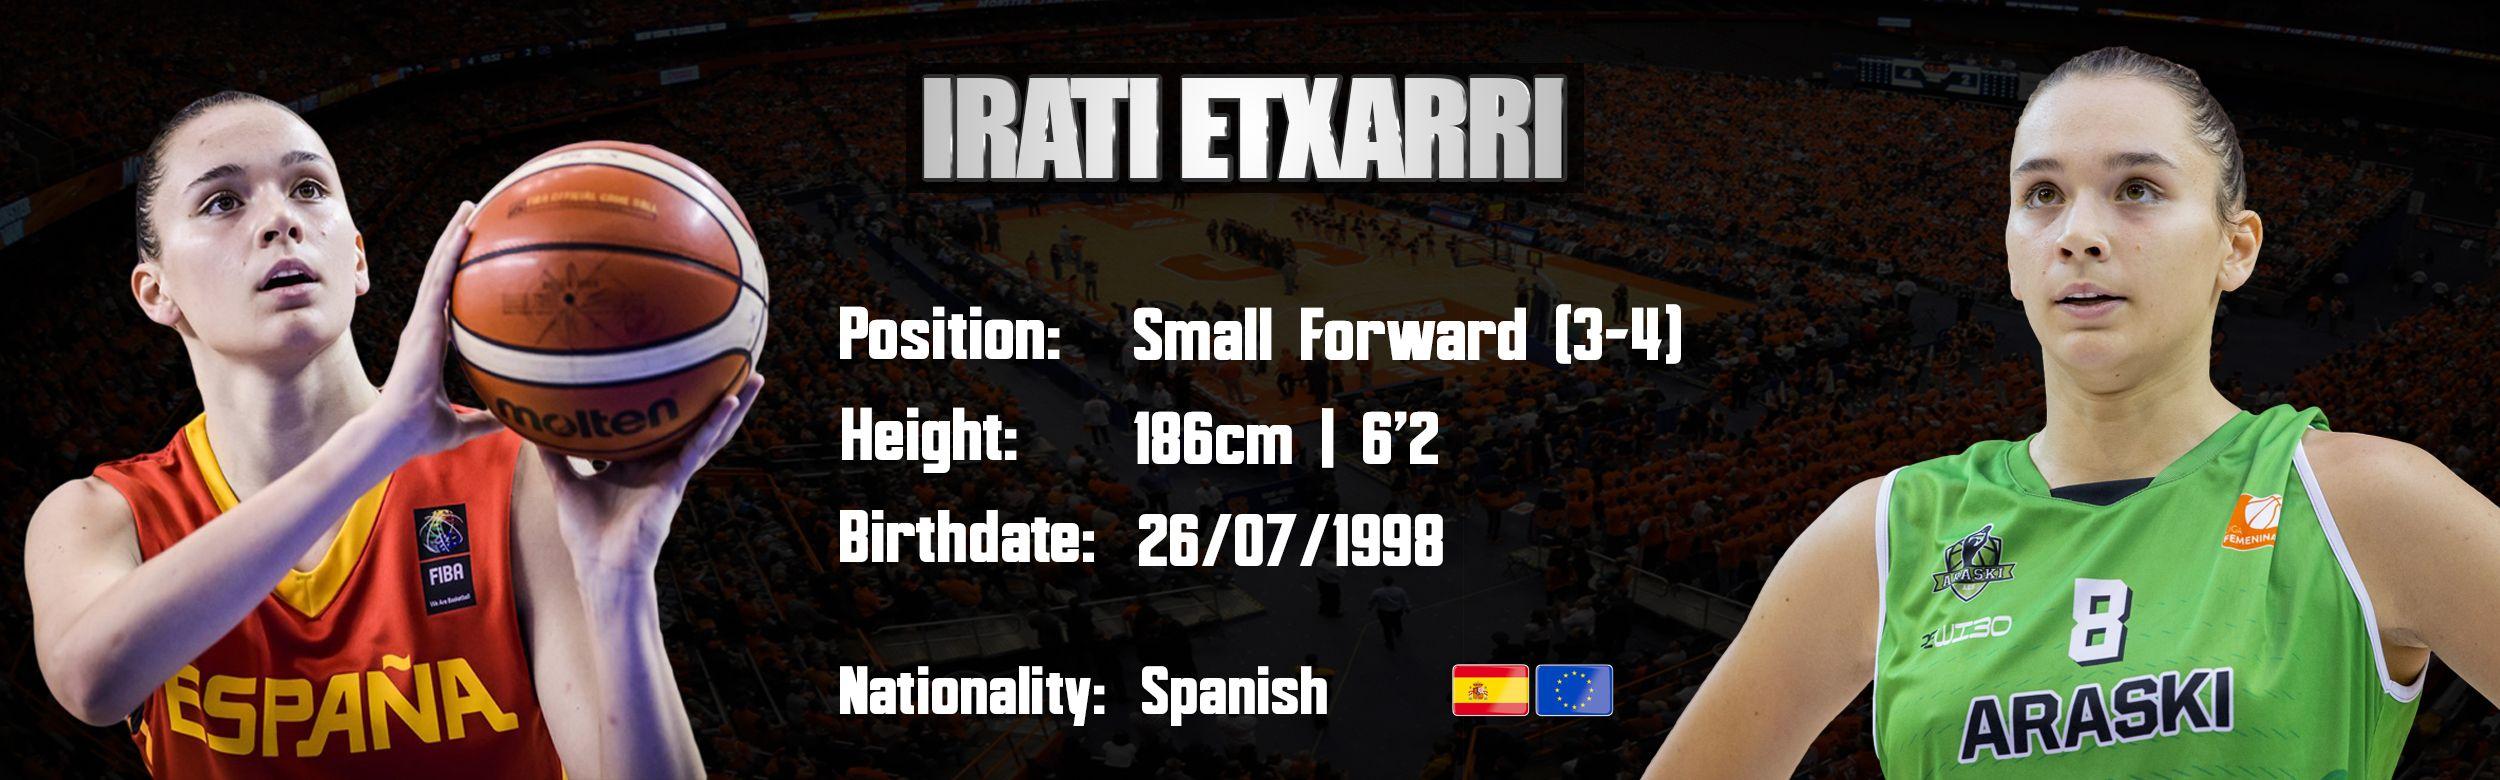 Irati Etxarri